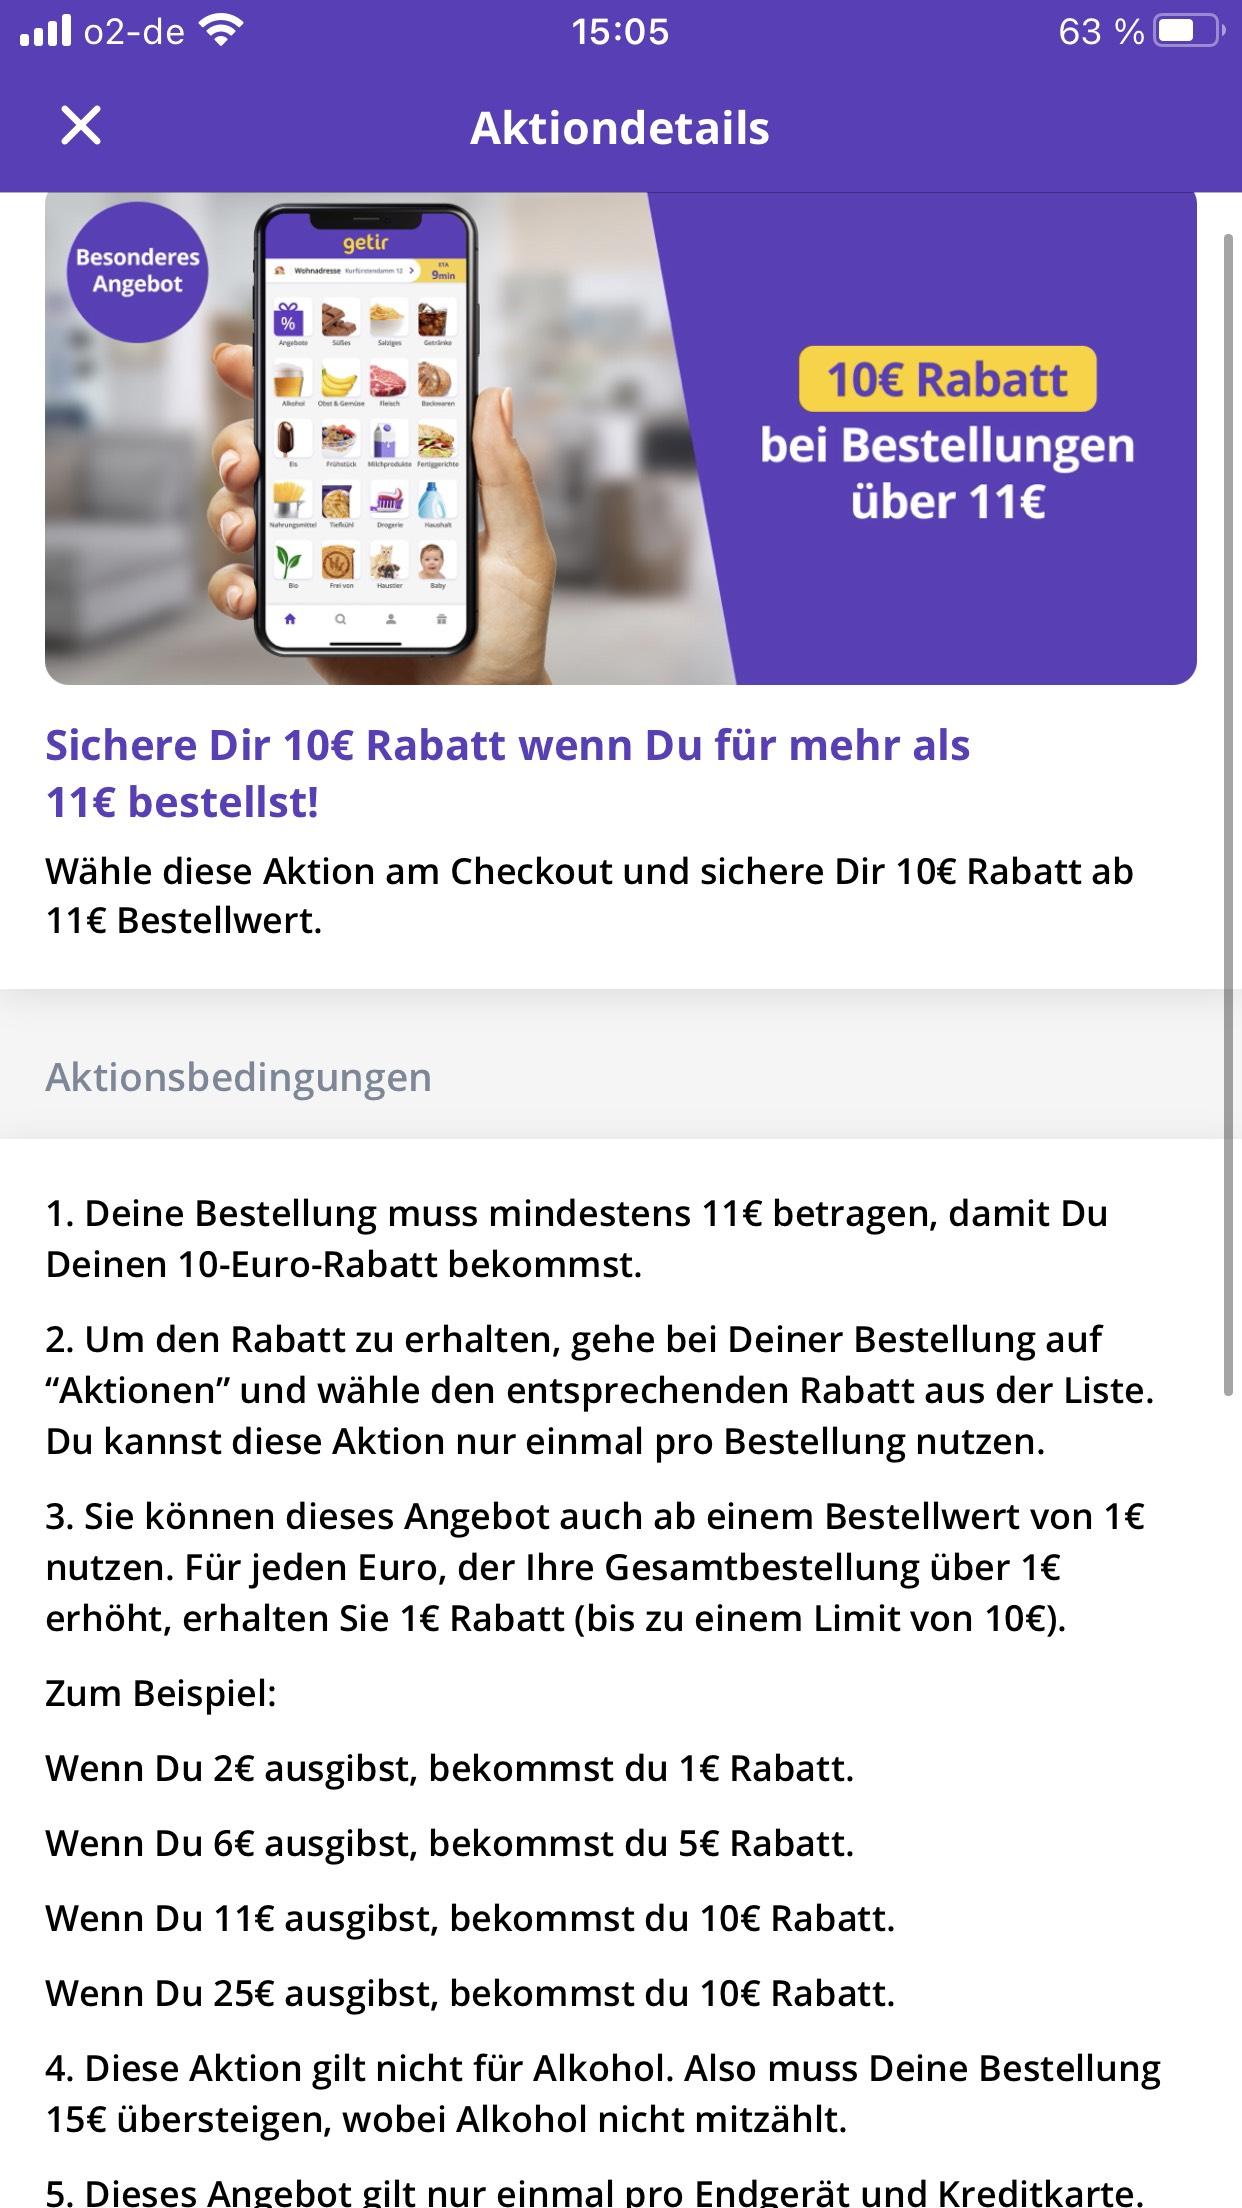 BERLIN Getir Gutschein 15€ oder 10 € nach Bestellung erhalten